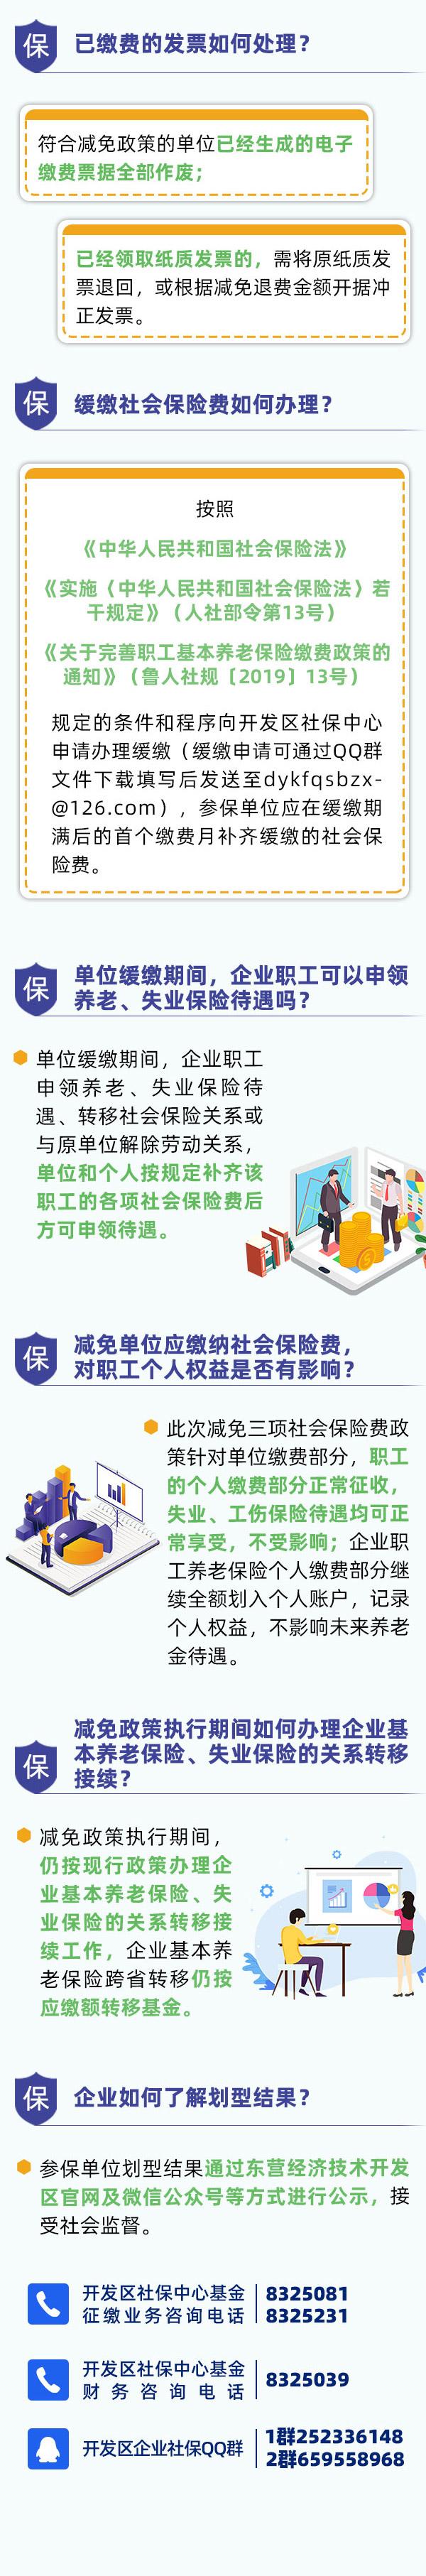 一图读懂 | 东营经济技术开发区阶段性减免企业社会保险费政策问答